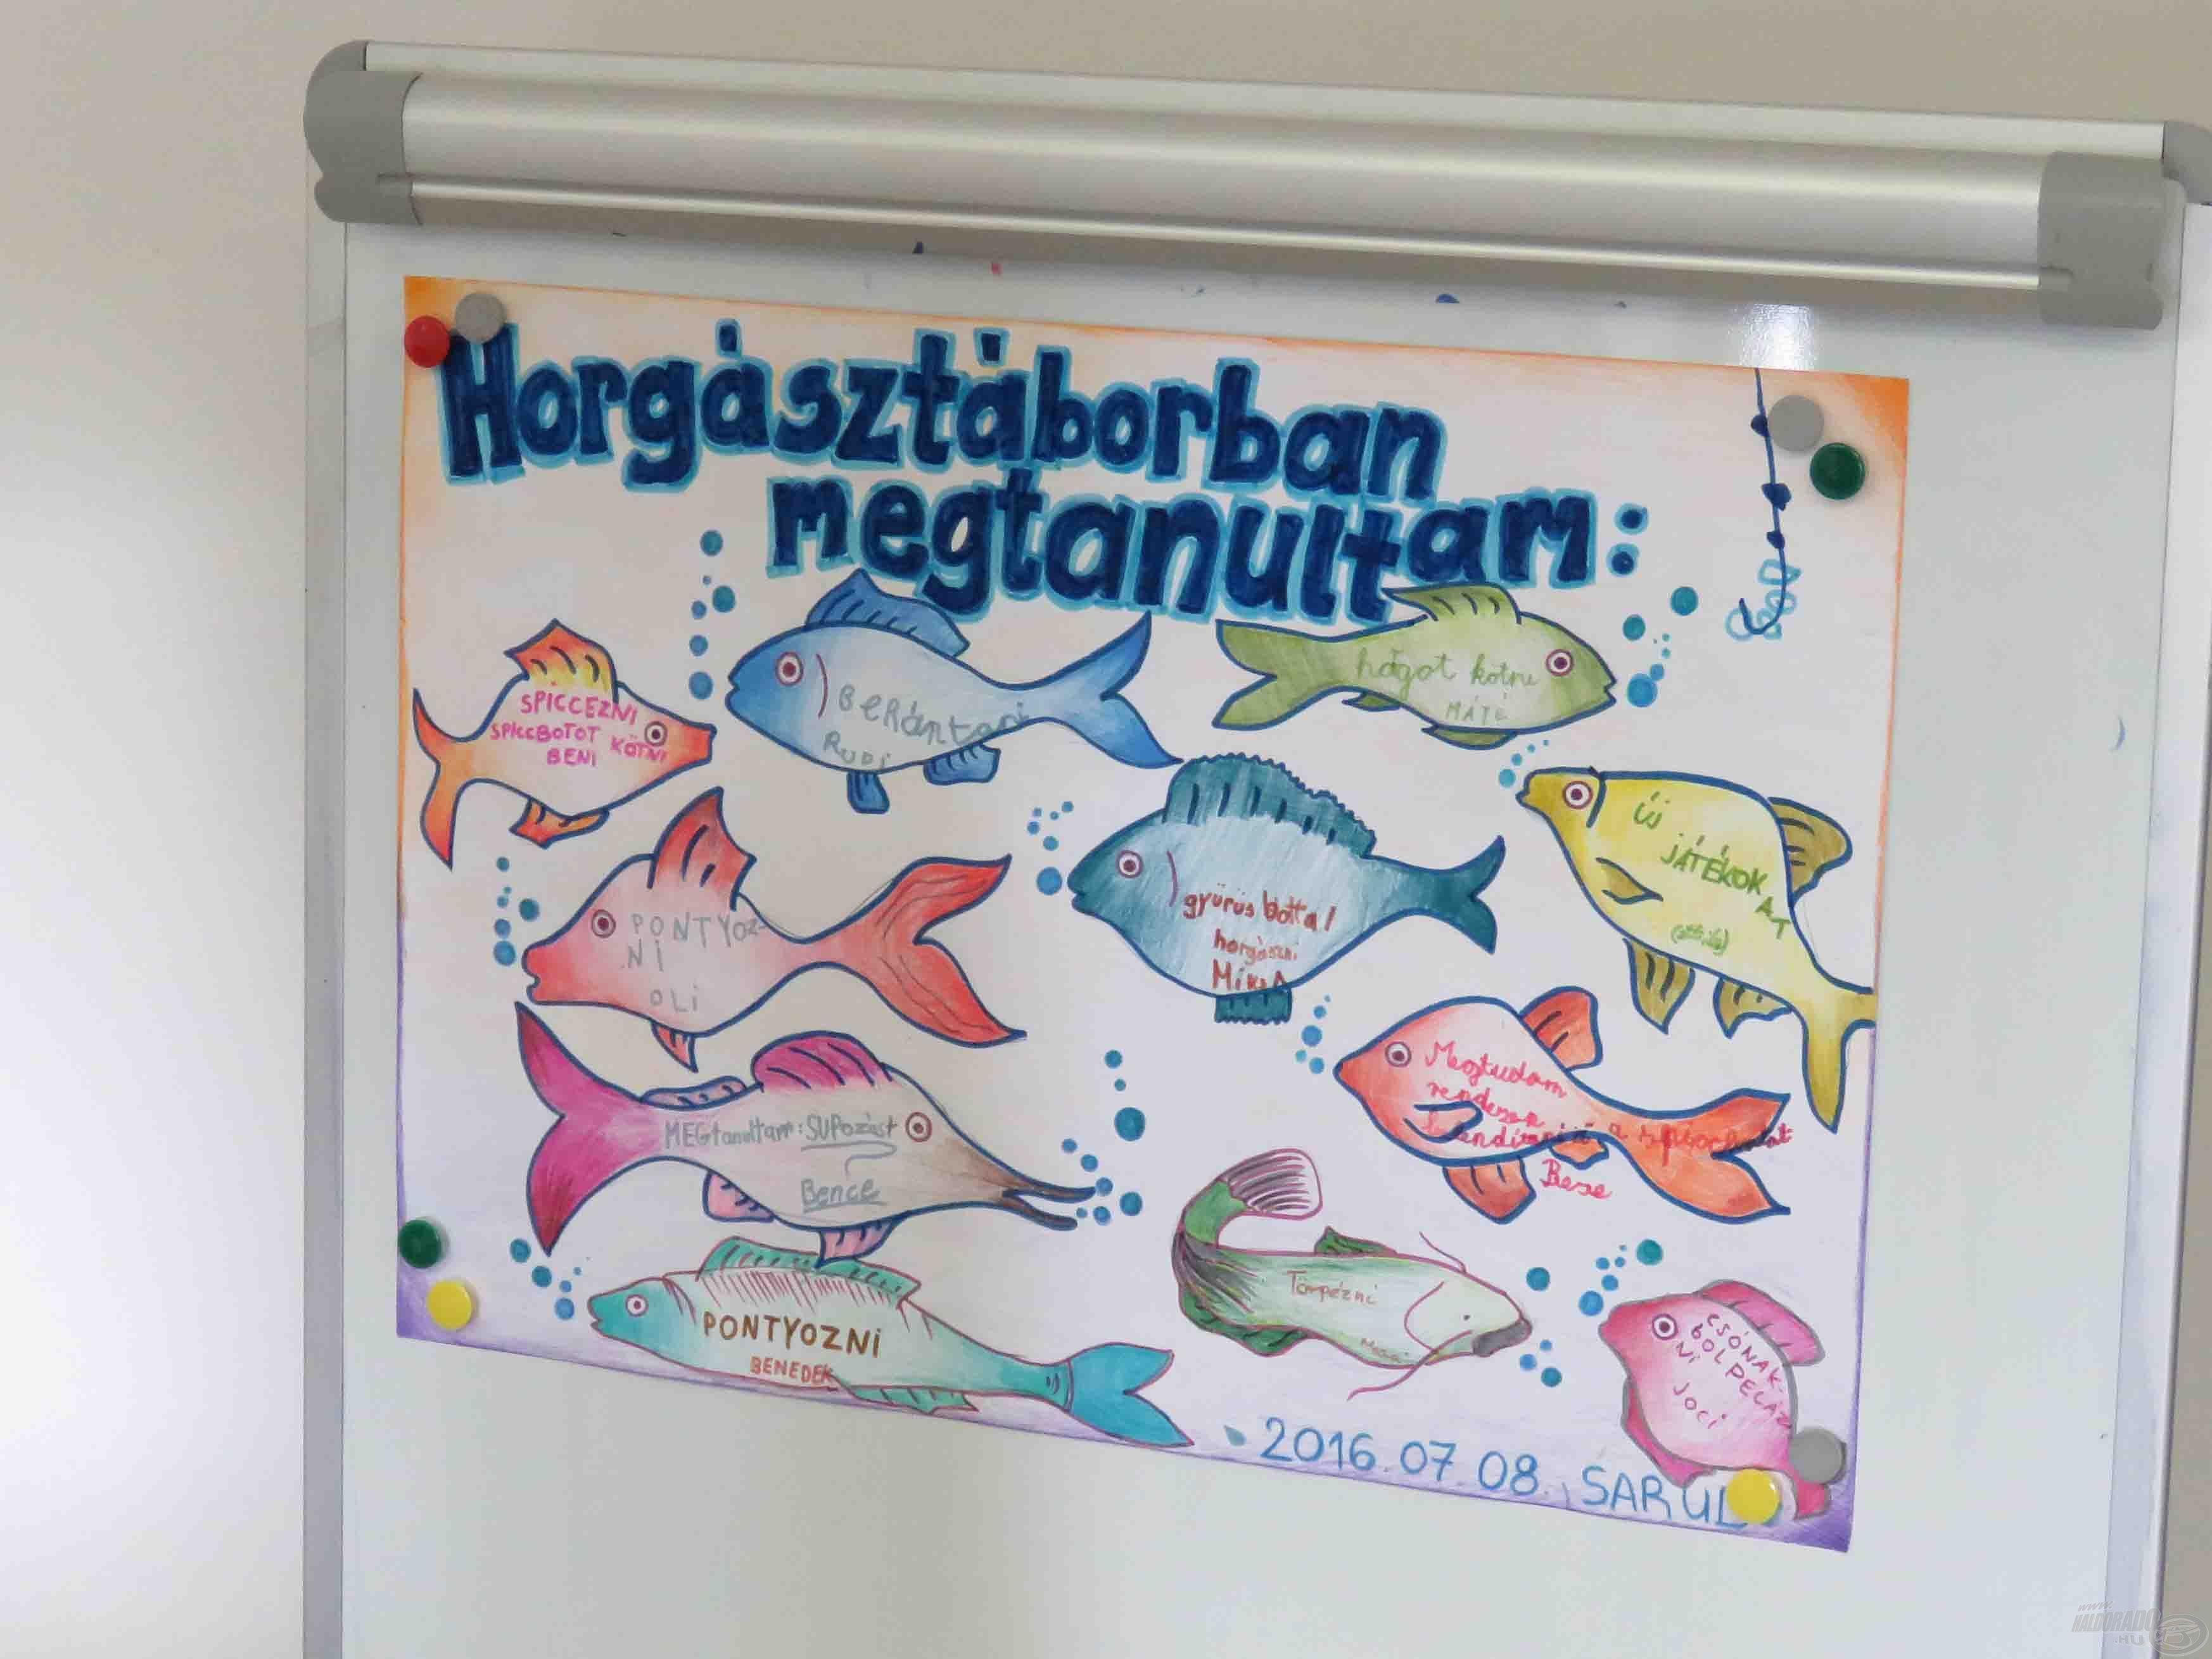 A horgásztáborban mindenki tanul valamit